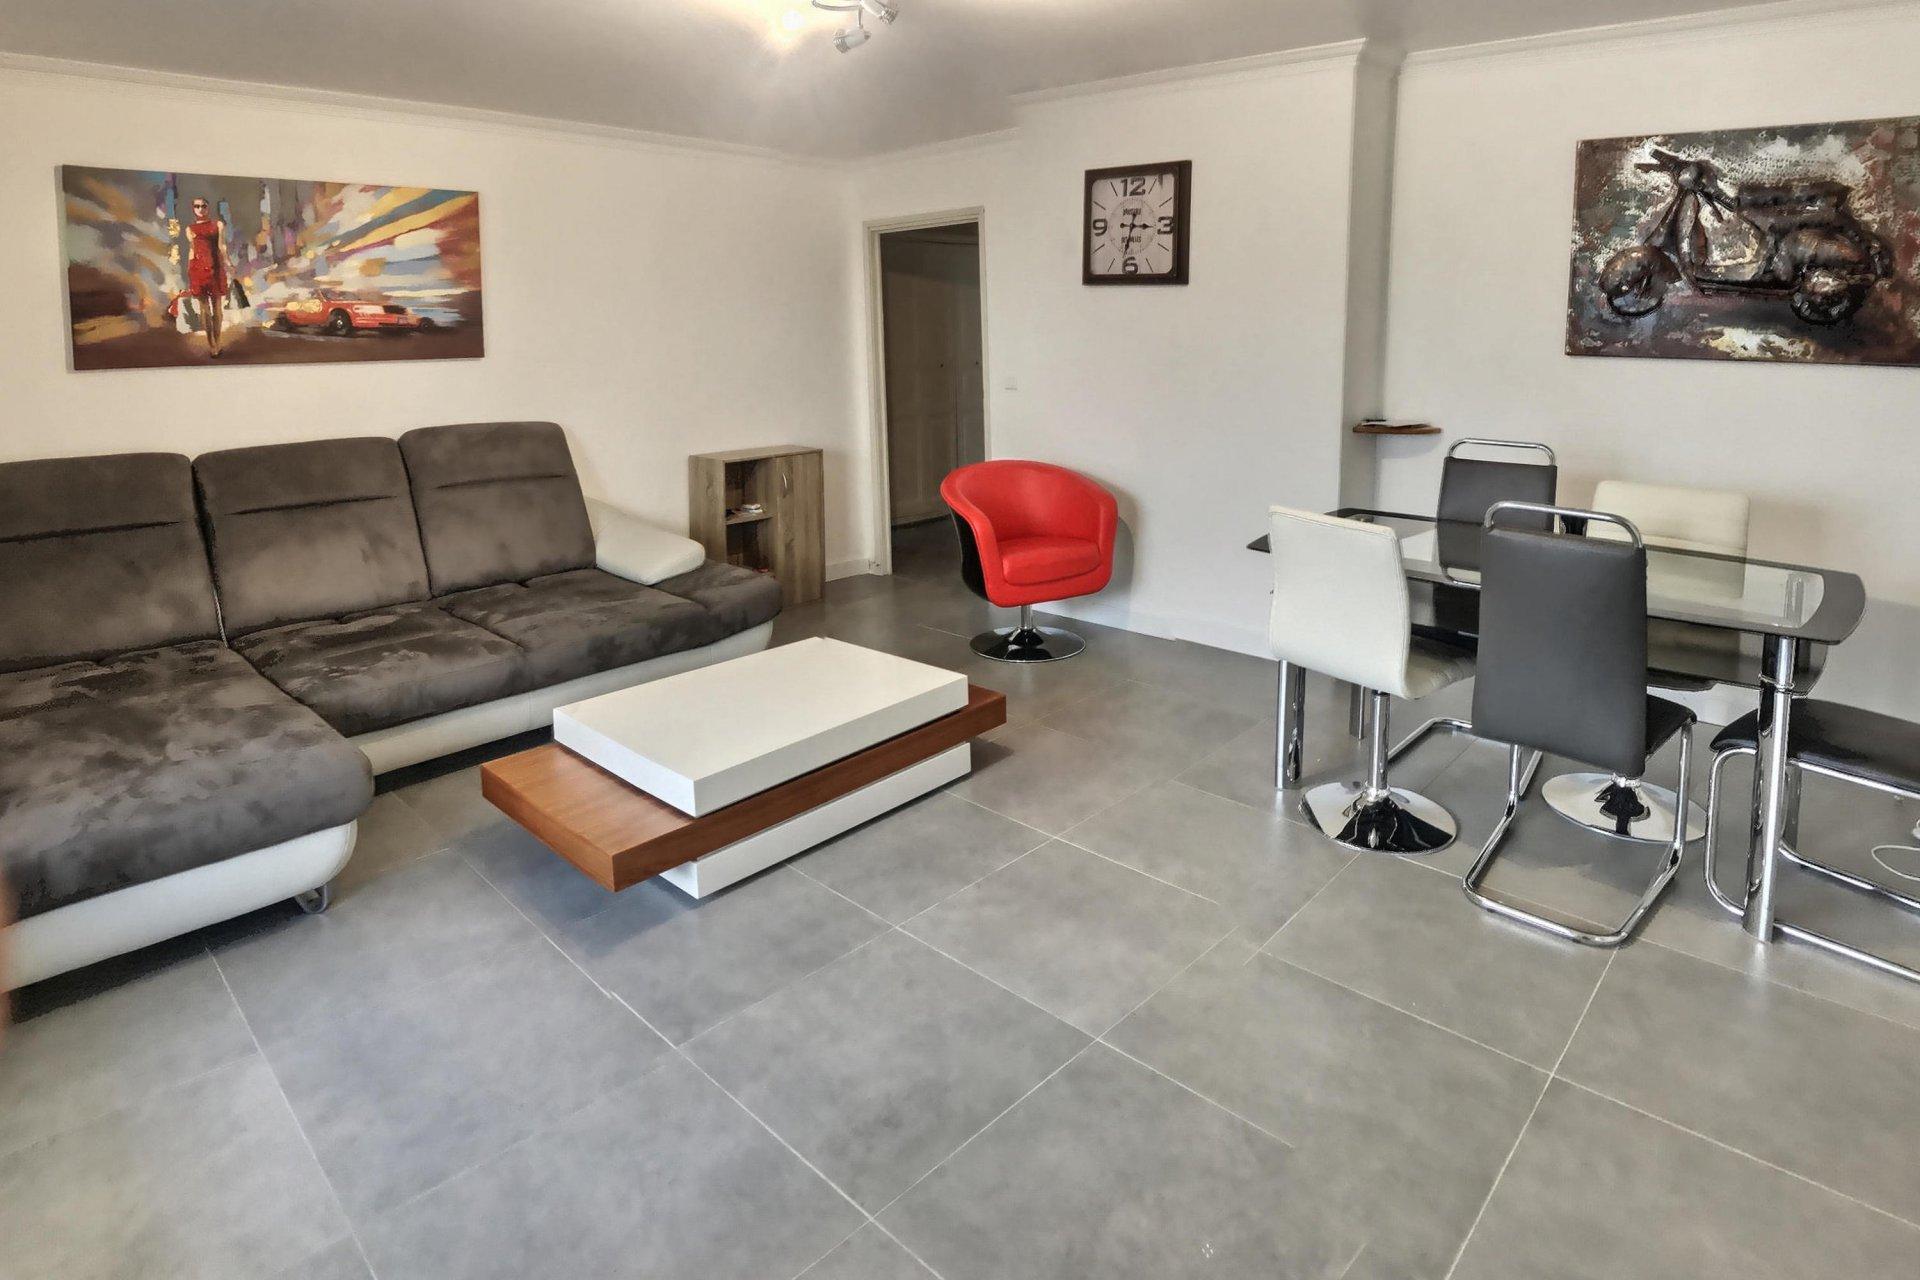 Appartement 4 pièces - Centre ville - Calvi